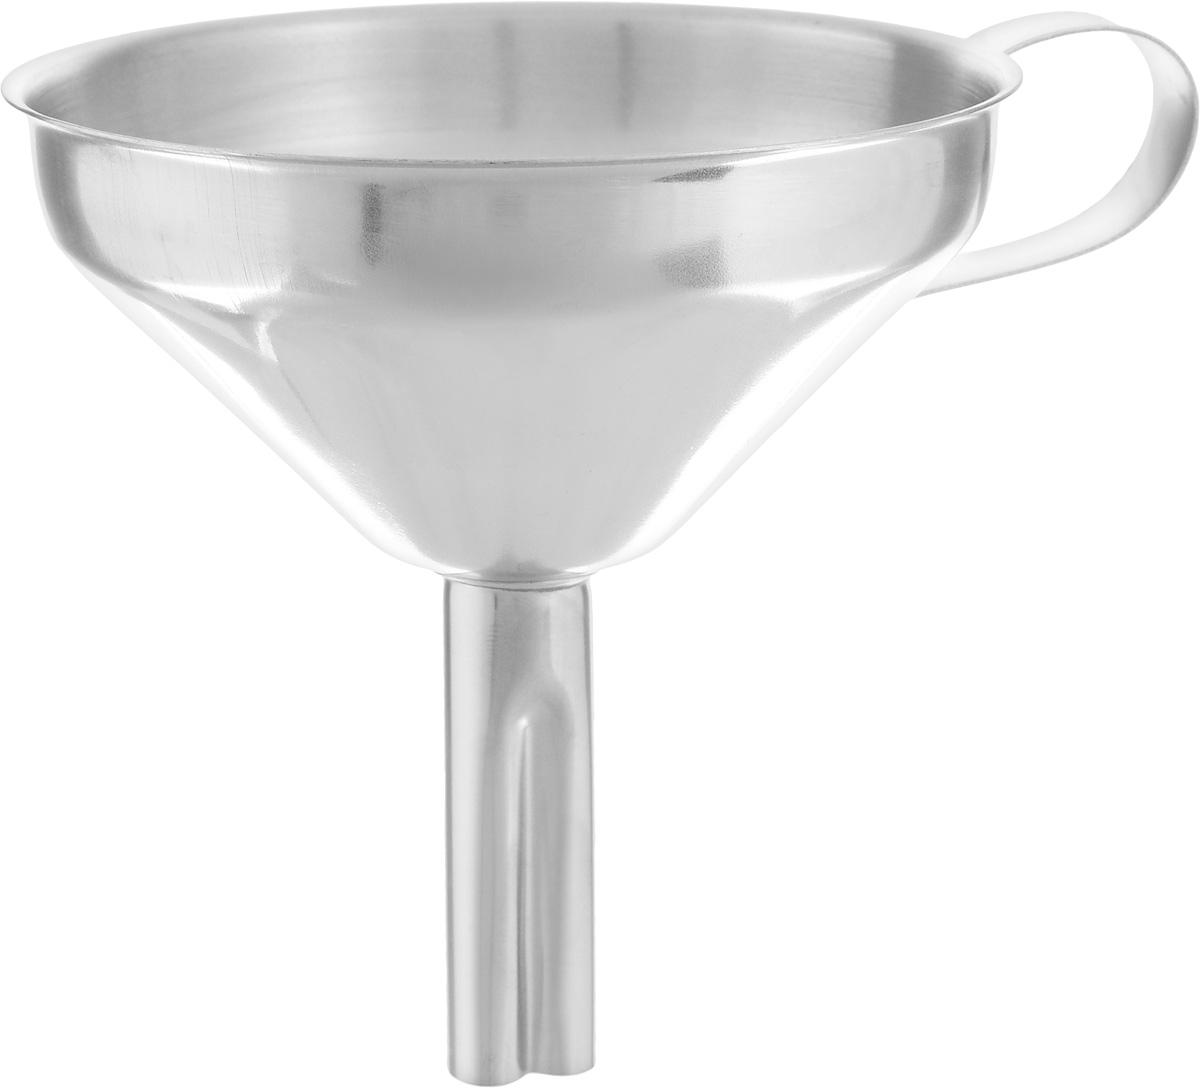 Воронка Axentia, диаметр 10 см40970Воронка Axentia изготовлена из нержавеющей стали. Предназначена для переливания жидкостей в сосуд с узким горлышком. Воронка плотно прилегает к краям наполняемой емкости, поэтому вы ни капли не прольете мимо. Изделие оснащено удобной ручкой. Такая воронка станет прекрасным дополнением к коллекции ваших кухонных аксессуаров. Диаметр воронки: 10 см. Высота воронки: 10,5 см.